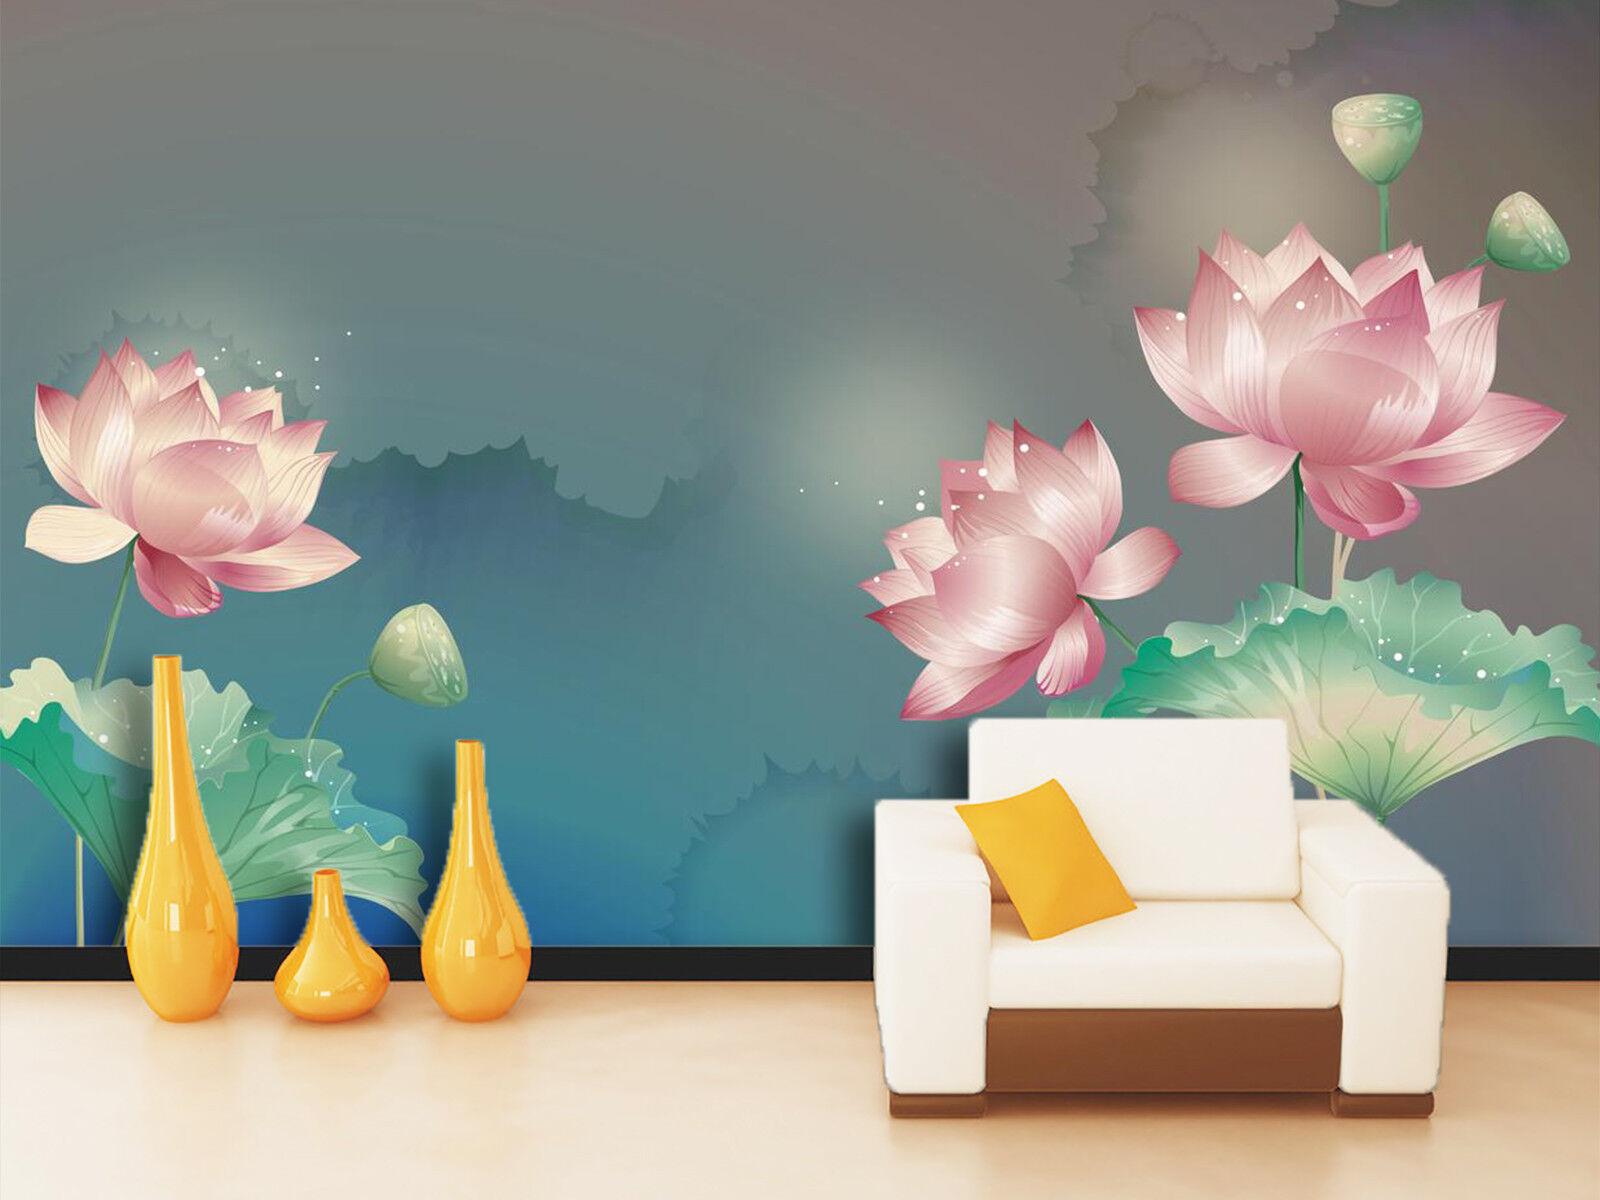 3D Malerei Lotus Kunst 9583 Tapete Tapete Tapete Wandgemälde Tapeten Bild Familie DE Kyra | Grüne, neue Technologie  | Verkauf  |  8bf0d8